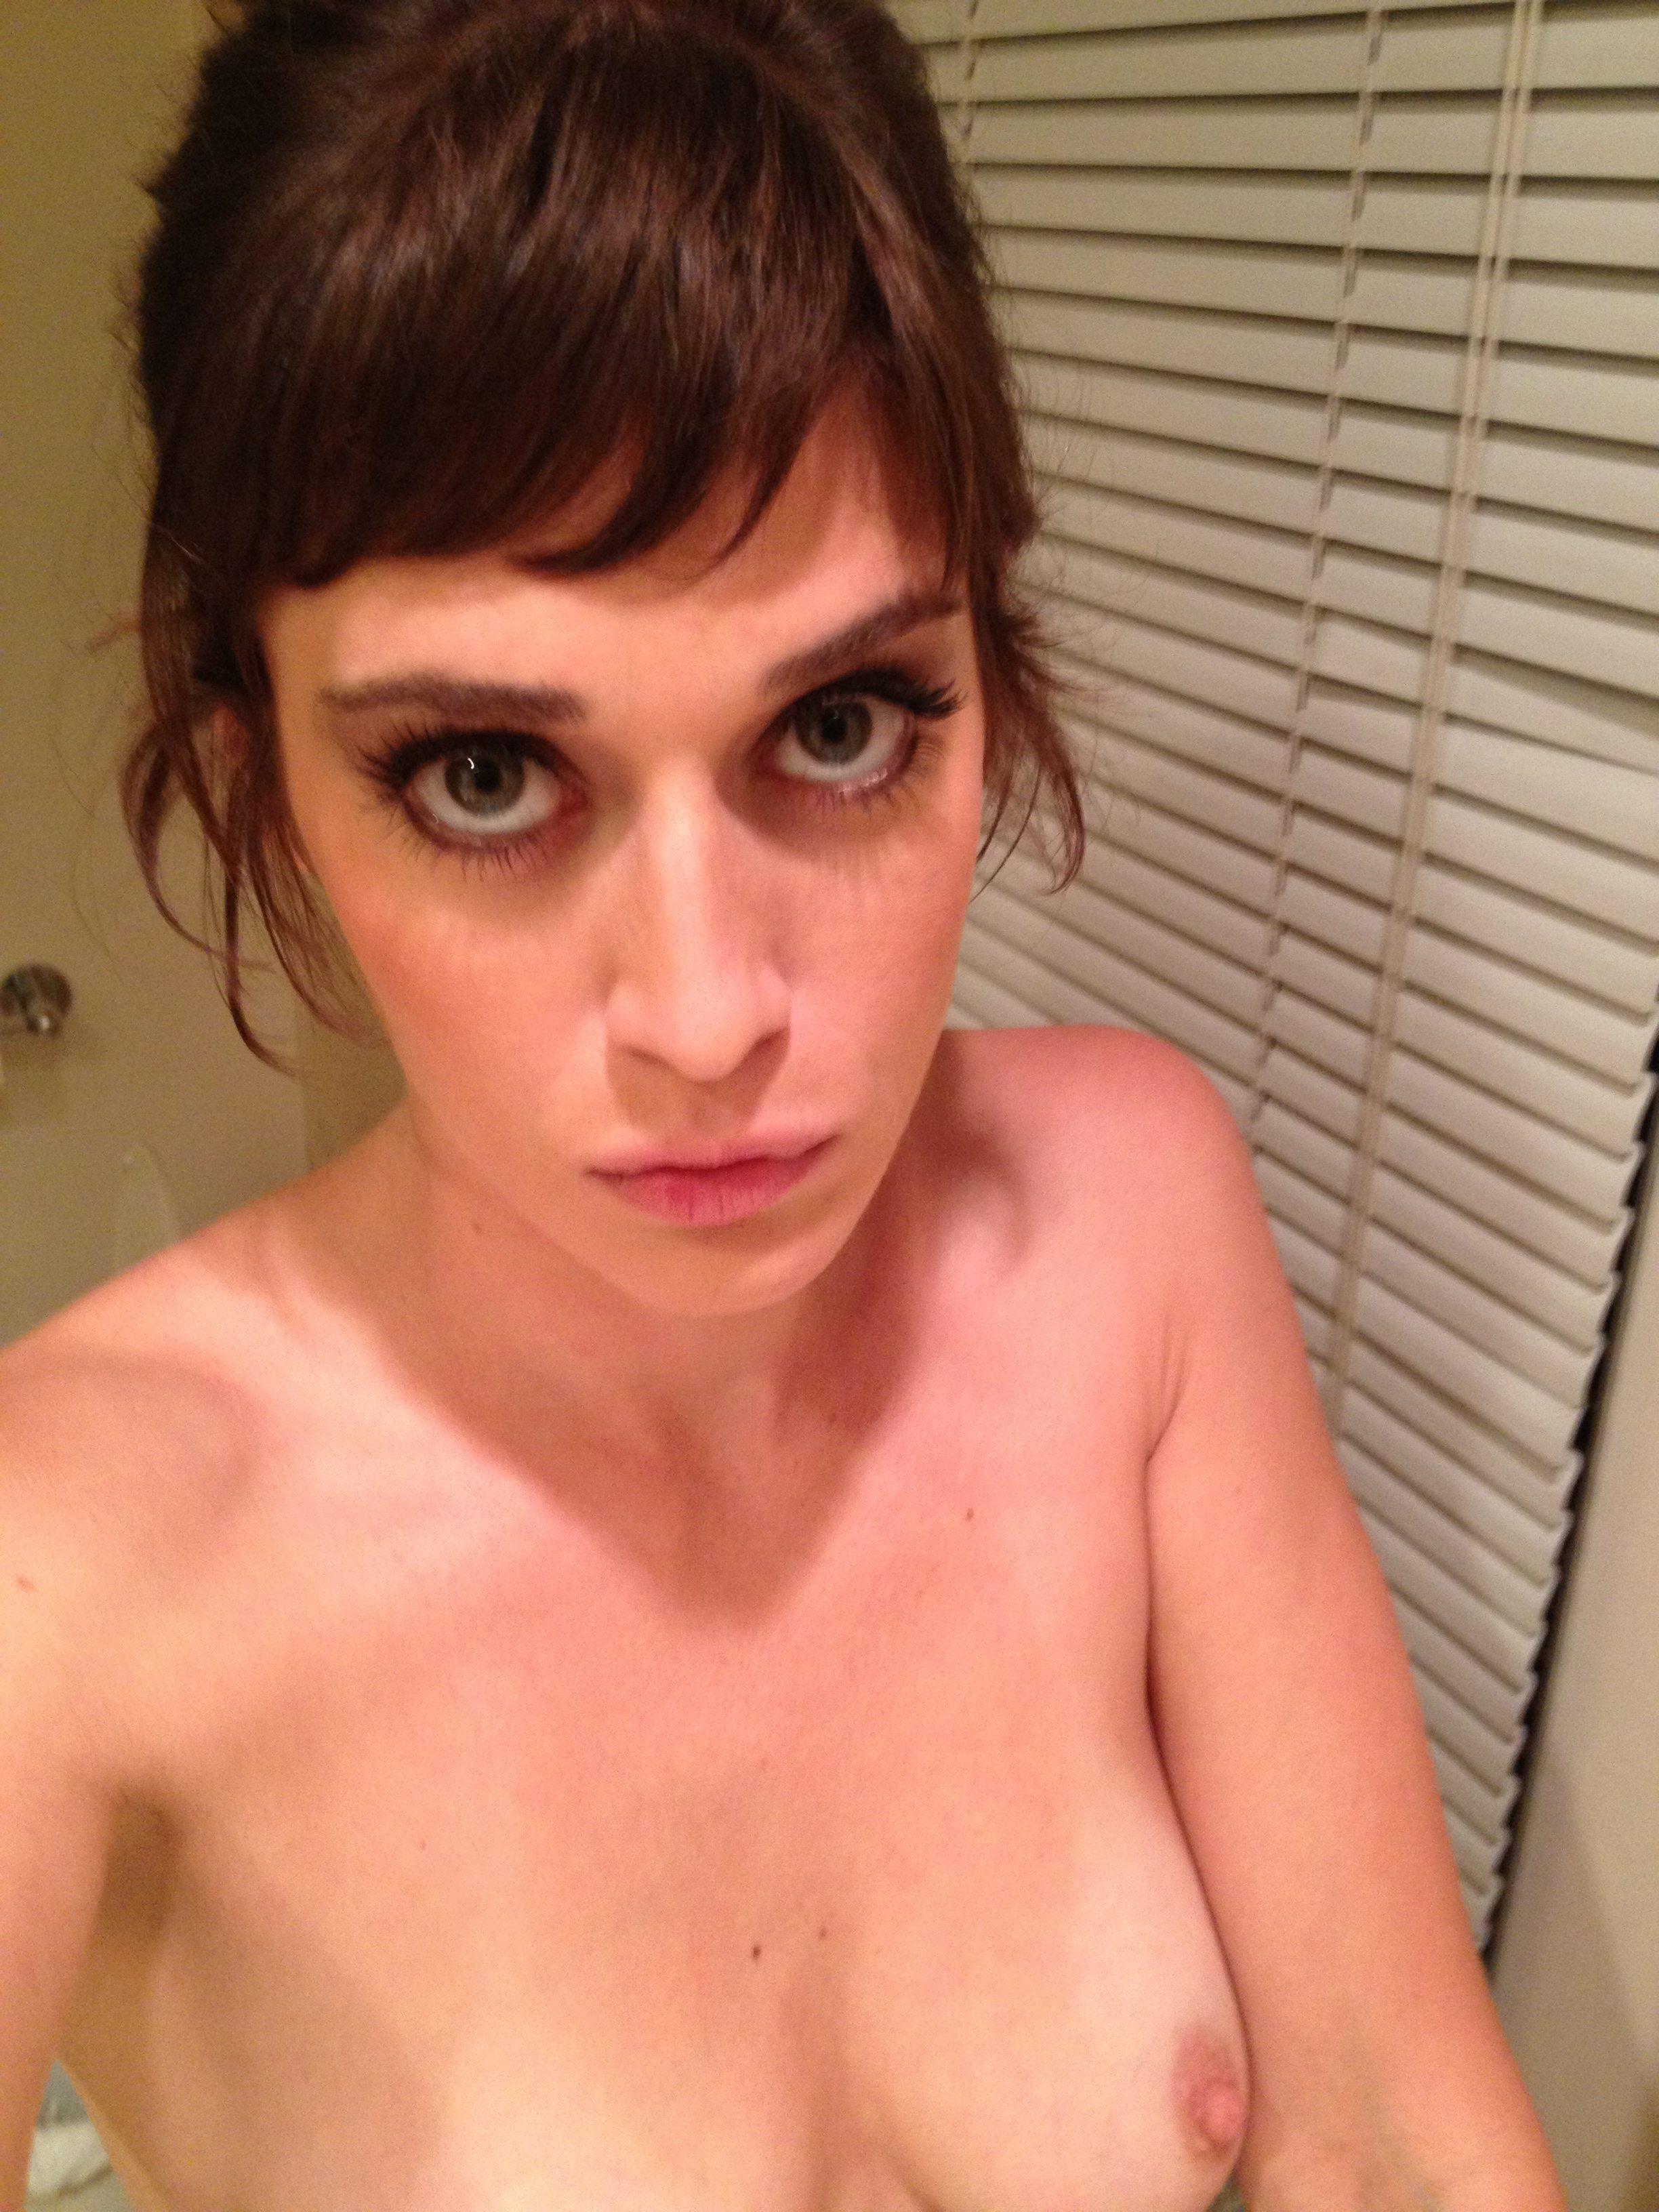 Nude leaked stars Leaked Pie